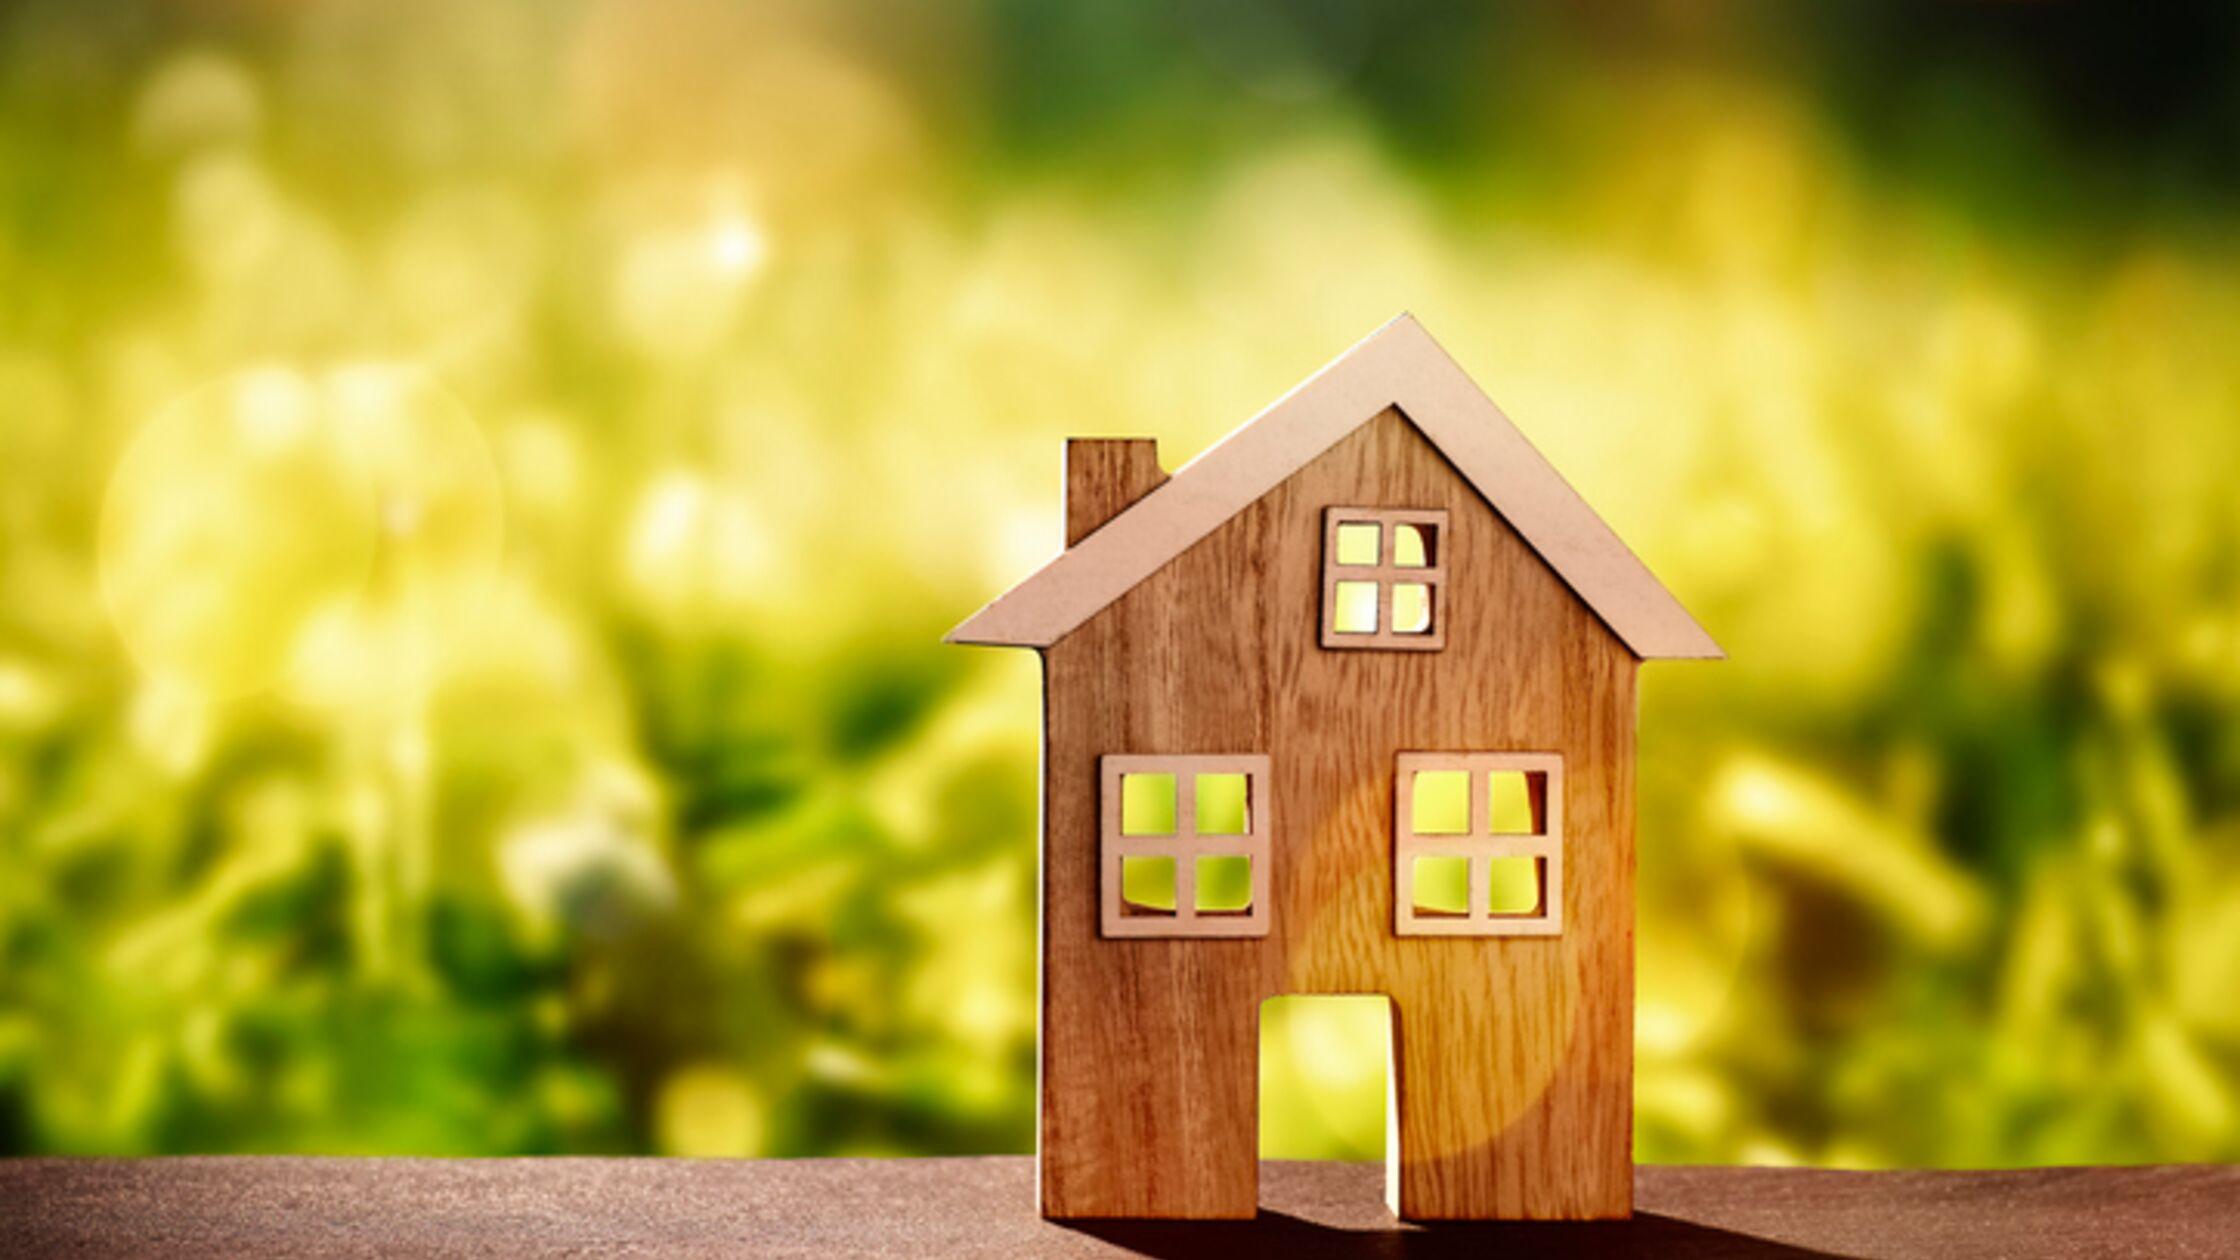 Holzhaus vor grüner Wiese